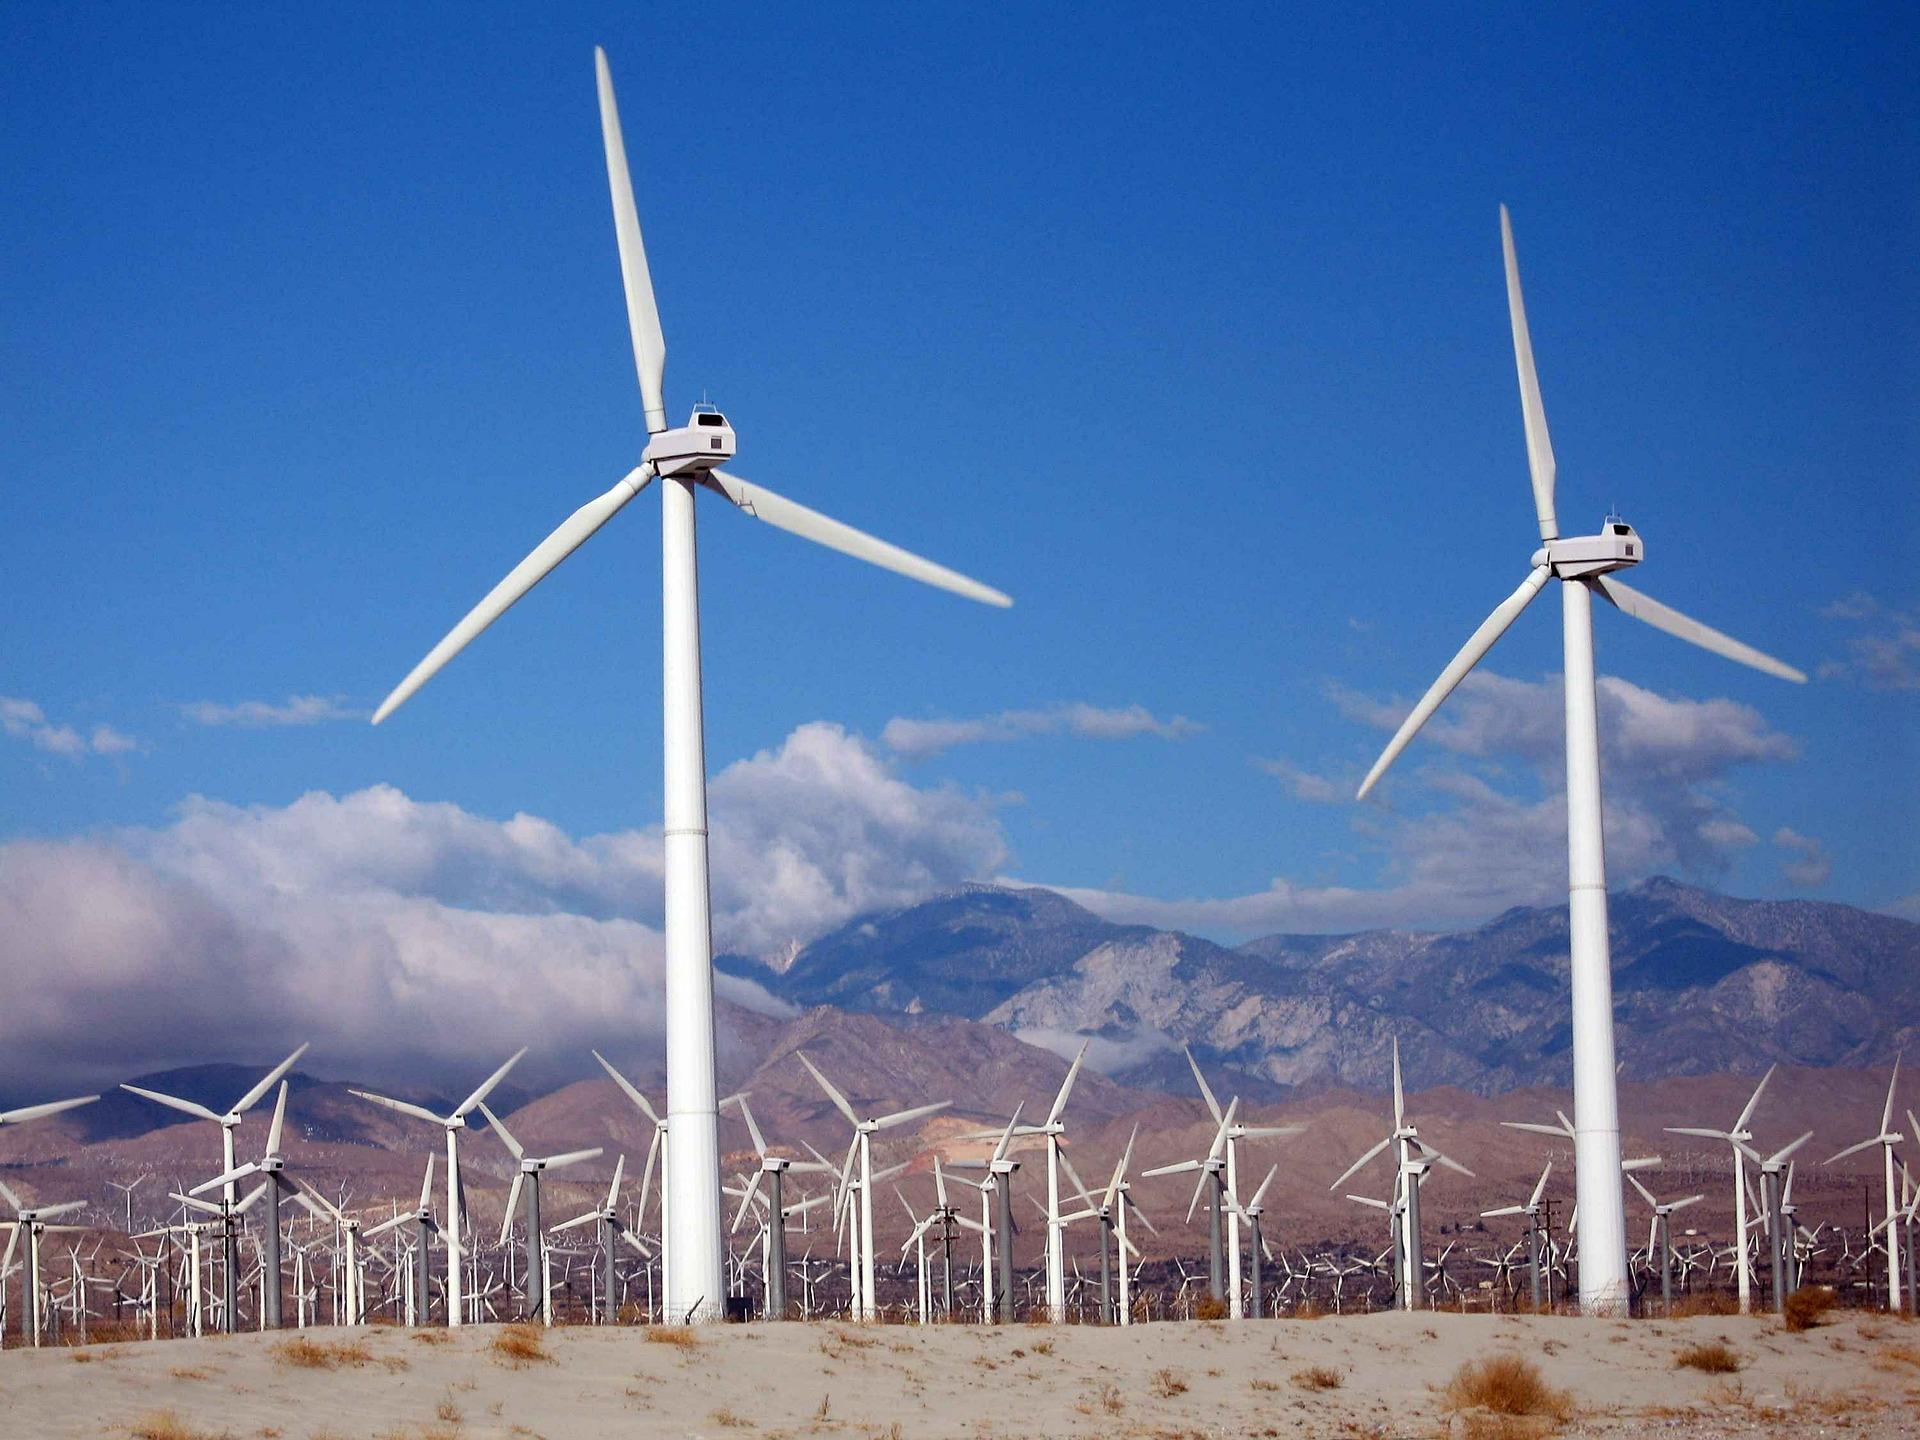 turbines-387282_1920 (2)